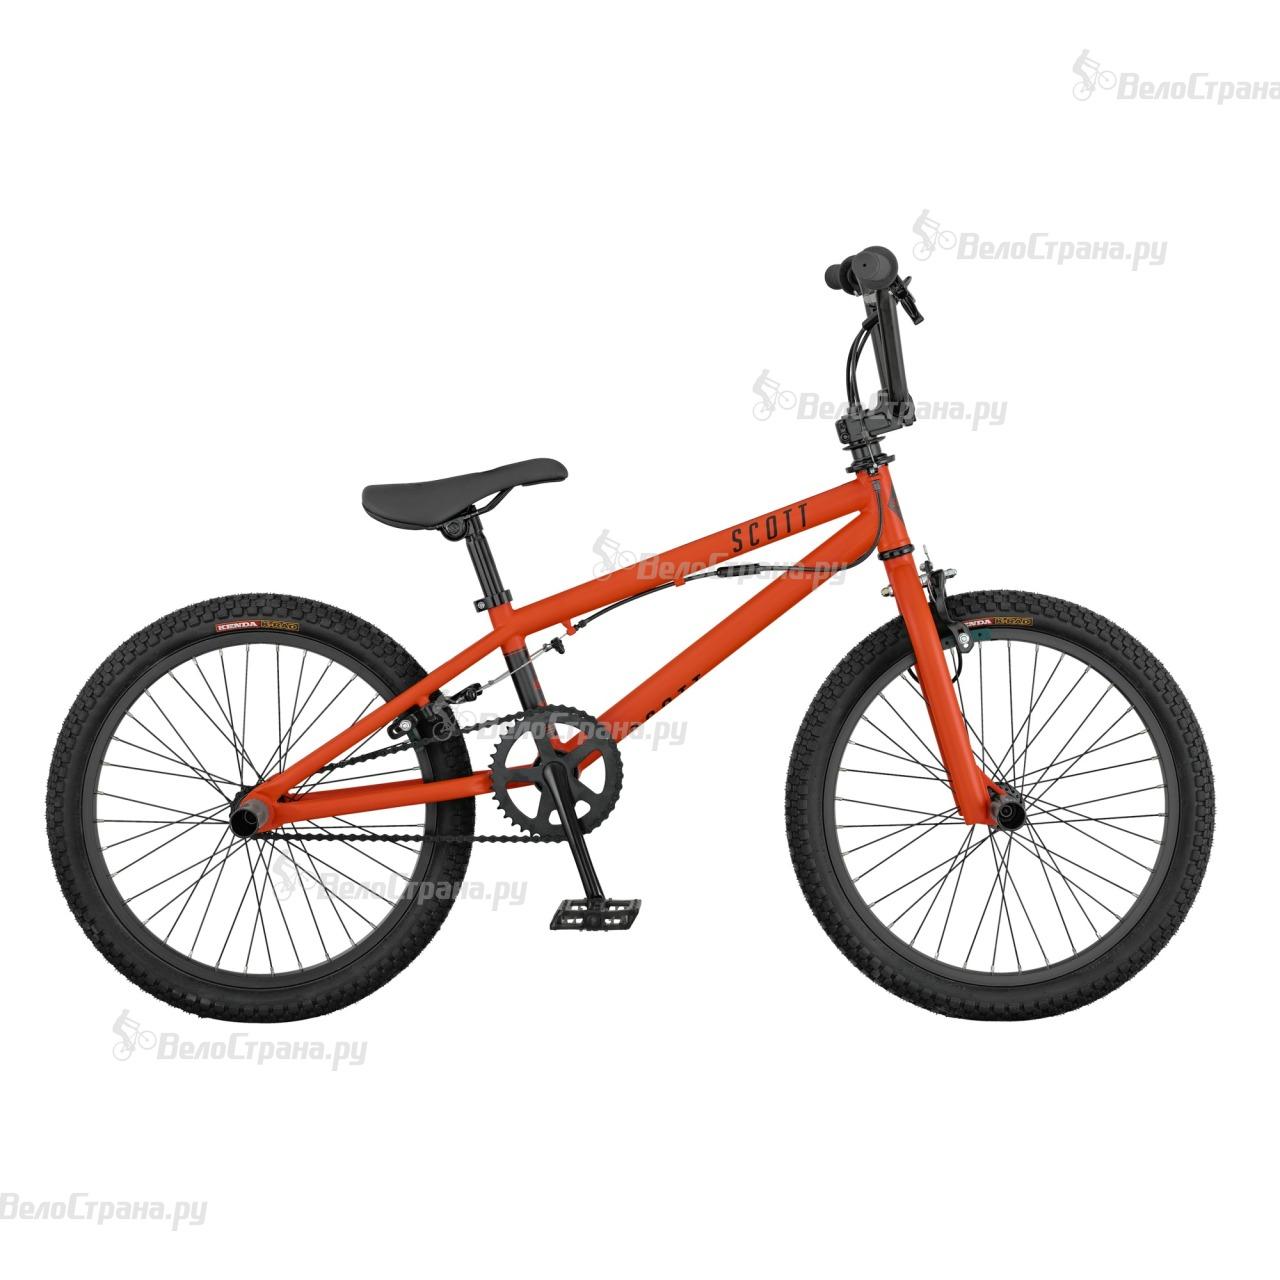 Велосипед Scott Volt-X 30 (2017) рыболовные садки и подсачеки aqua подсачек aqua 70x60 1 8m